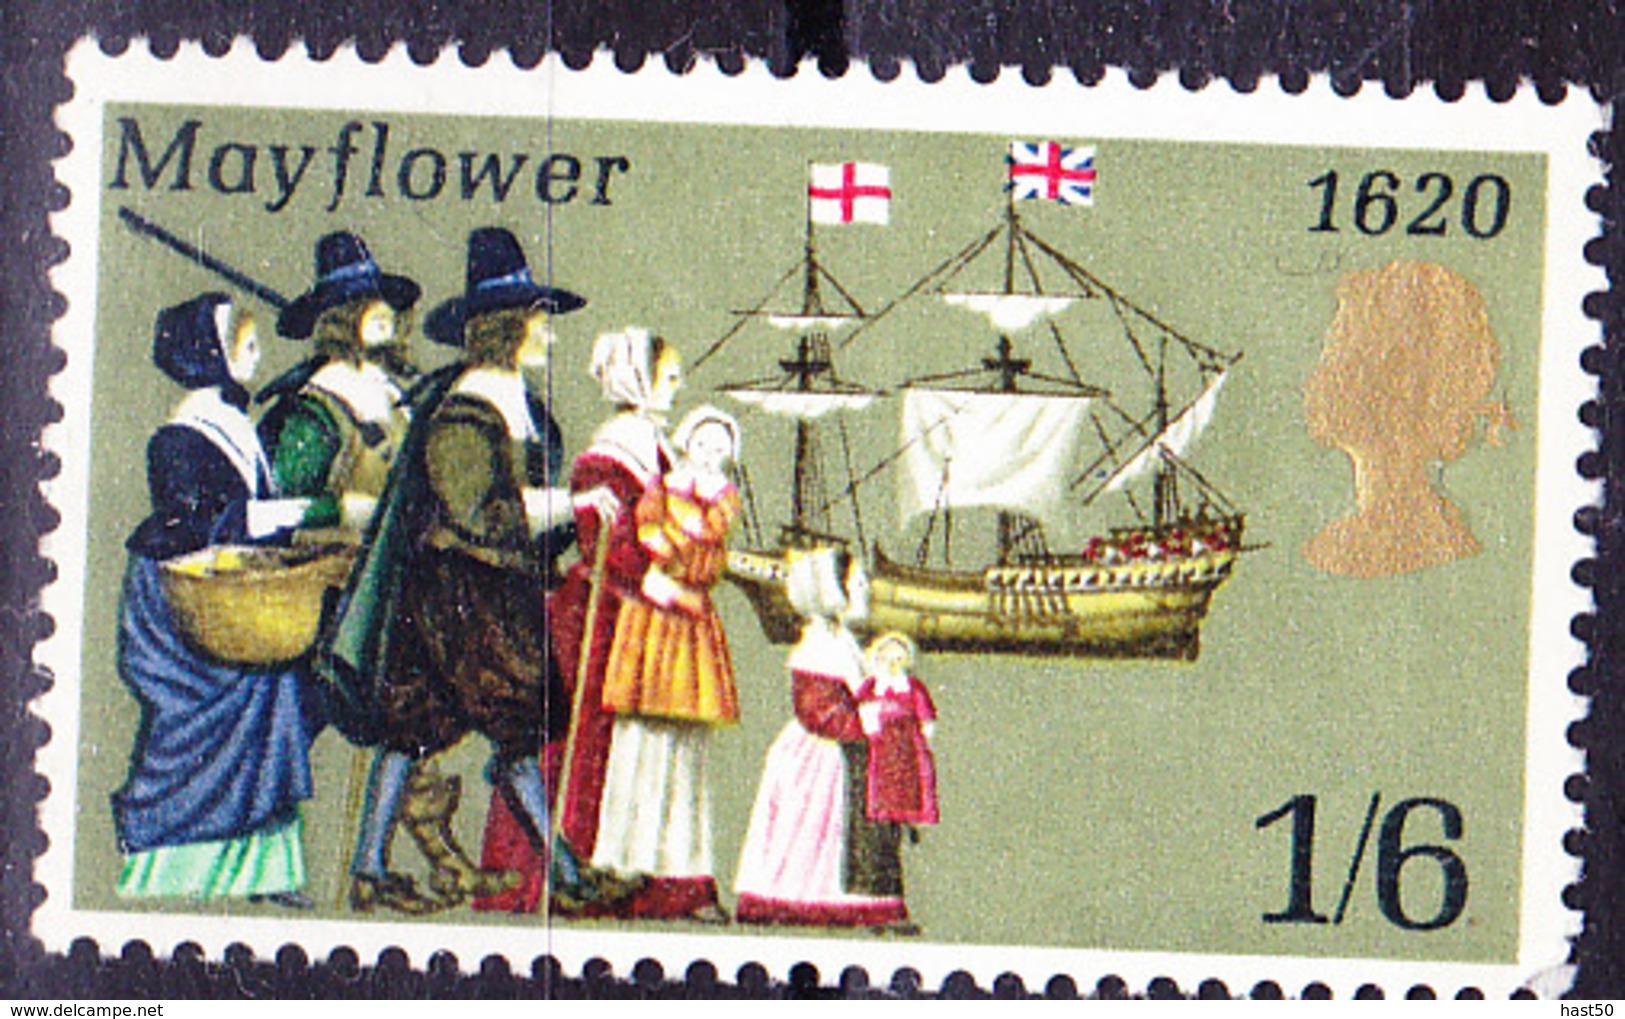 """Großbritannien Great Britain Grande-Bretagne - Ausreise Der """"Mayflower"""" Aus Plymouth (MiNr: 542) 1970 - Postfrisch MNH - Unused Stamps"""